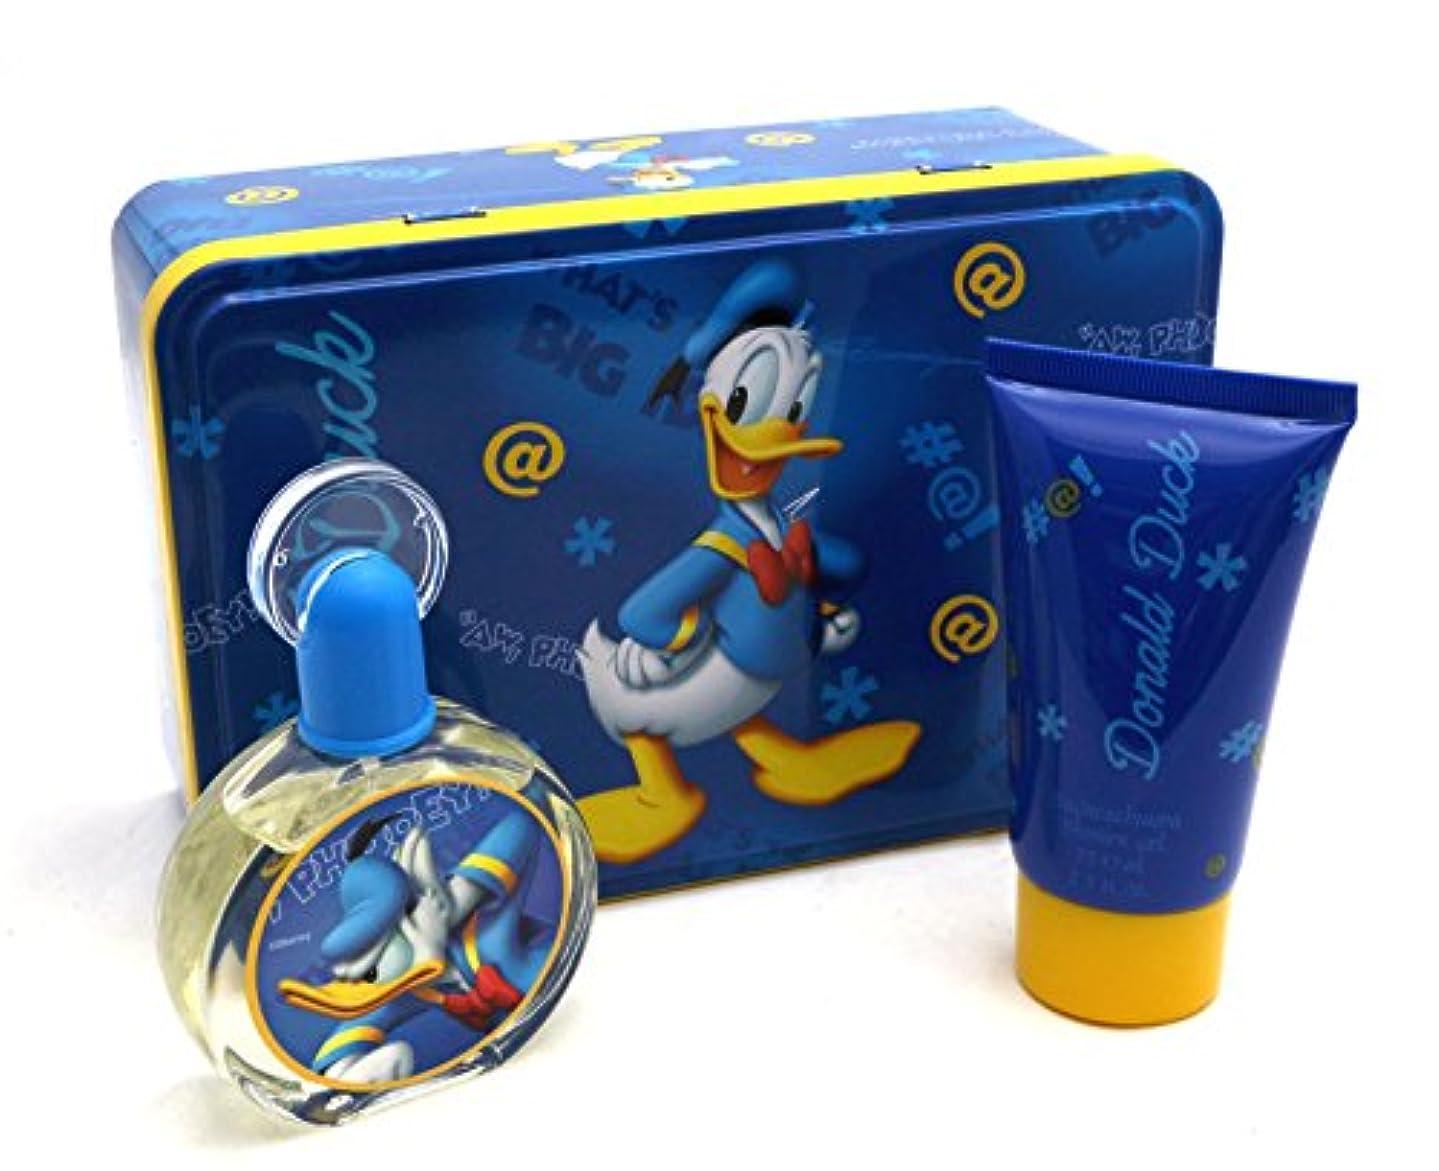 痛い頼るリゾートDonald Duck (ドナルドダック) 1.7 oz (50ml) EDT Spray + 2.5 oz (75ml) Shower Gel by Disney